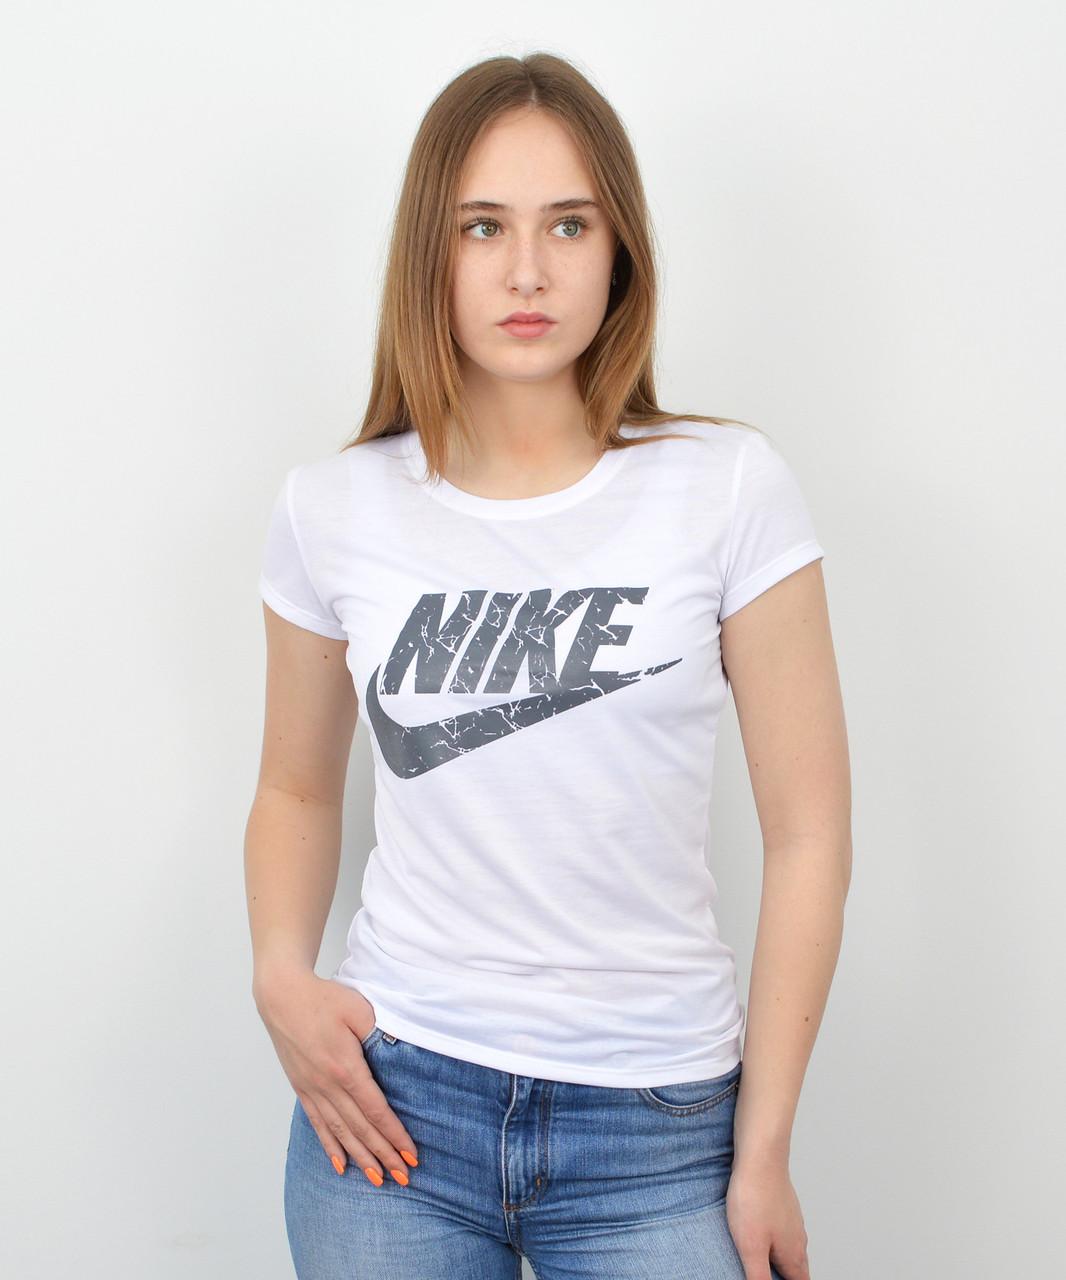 Женская футболка оптом спорт S0320 Белый